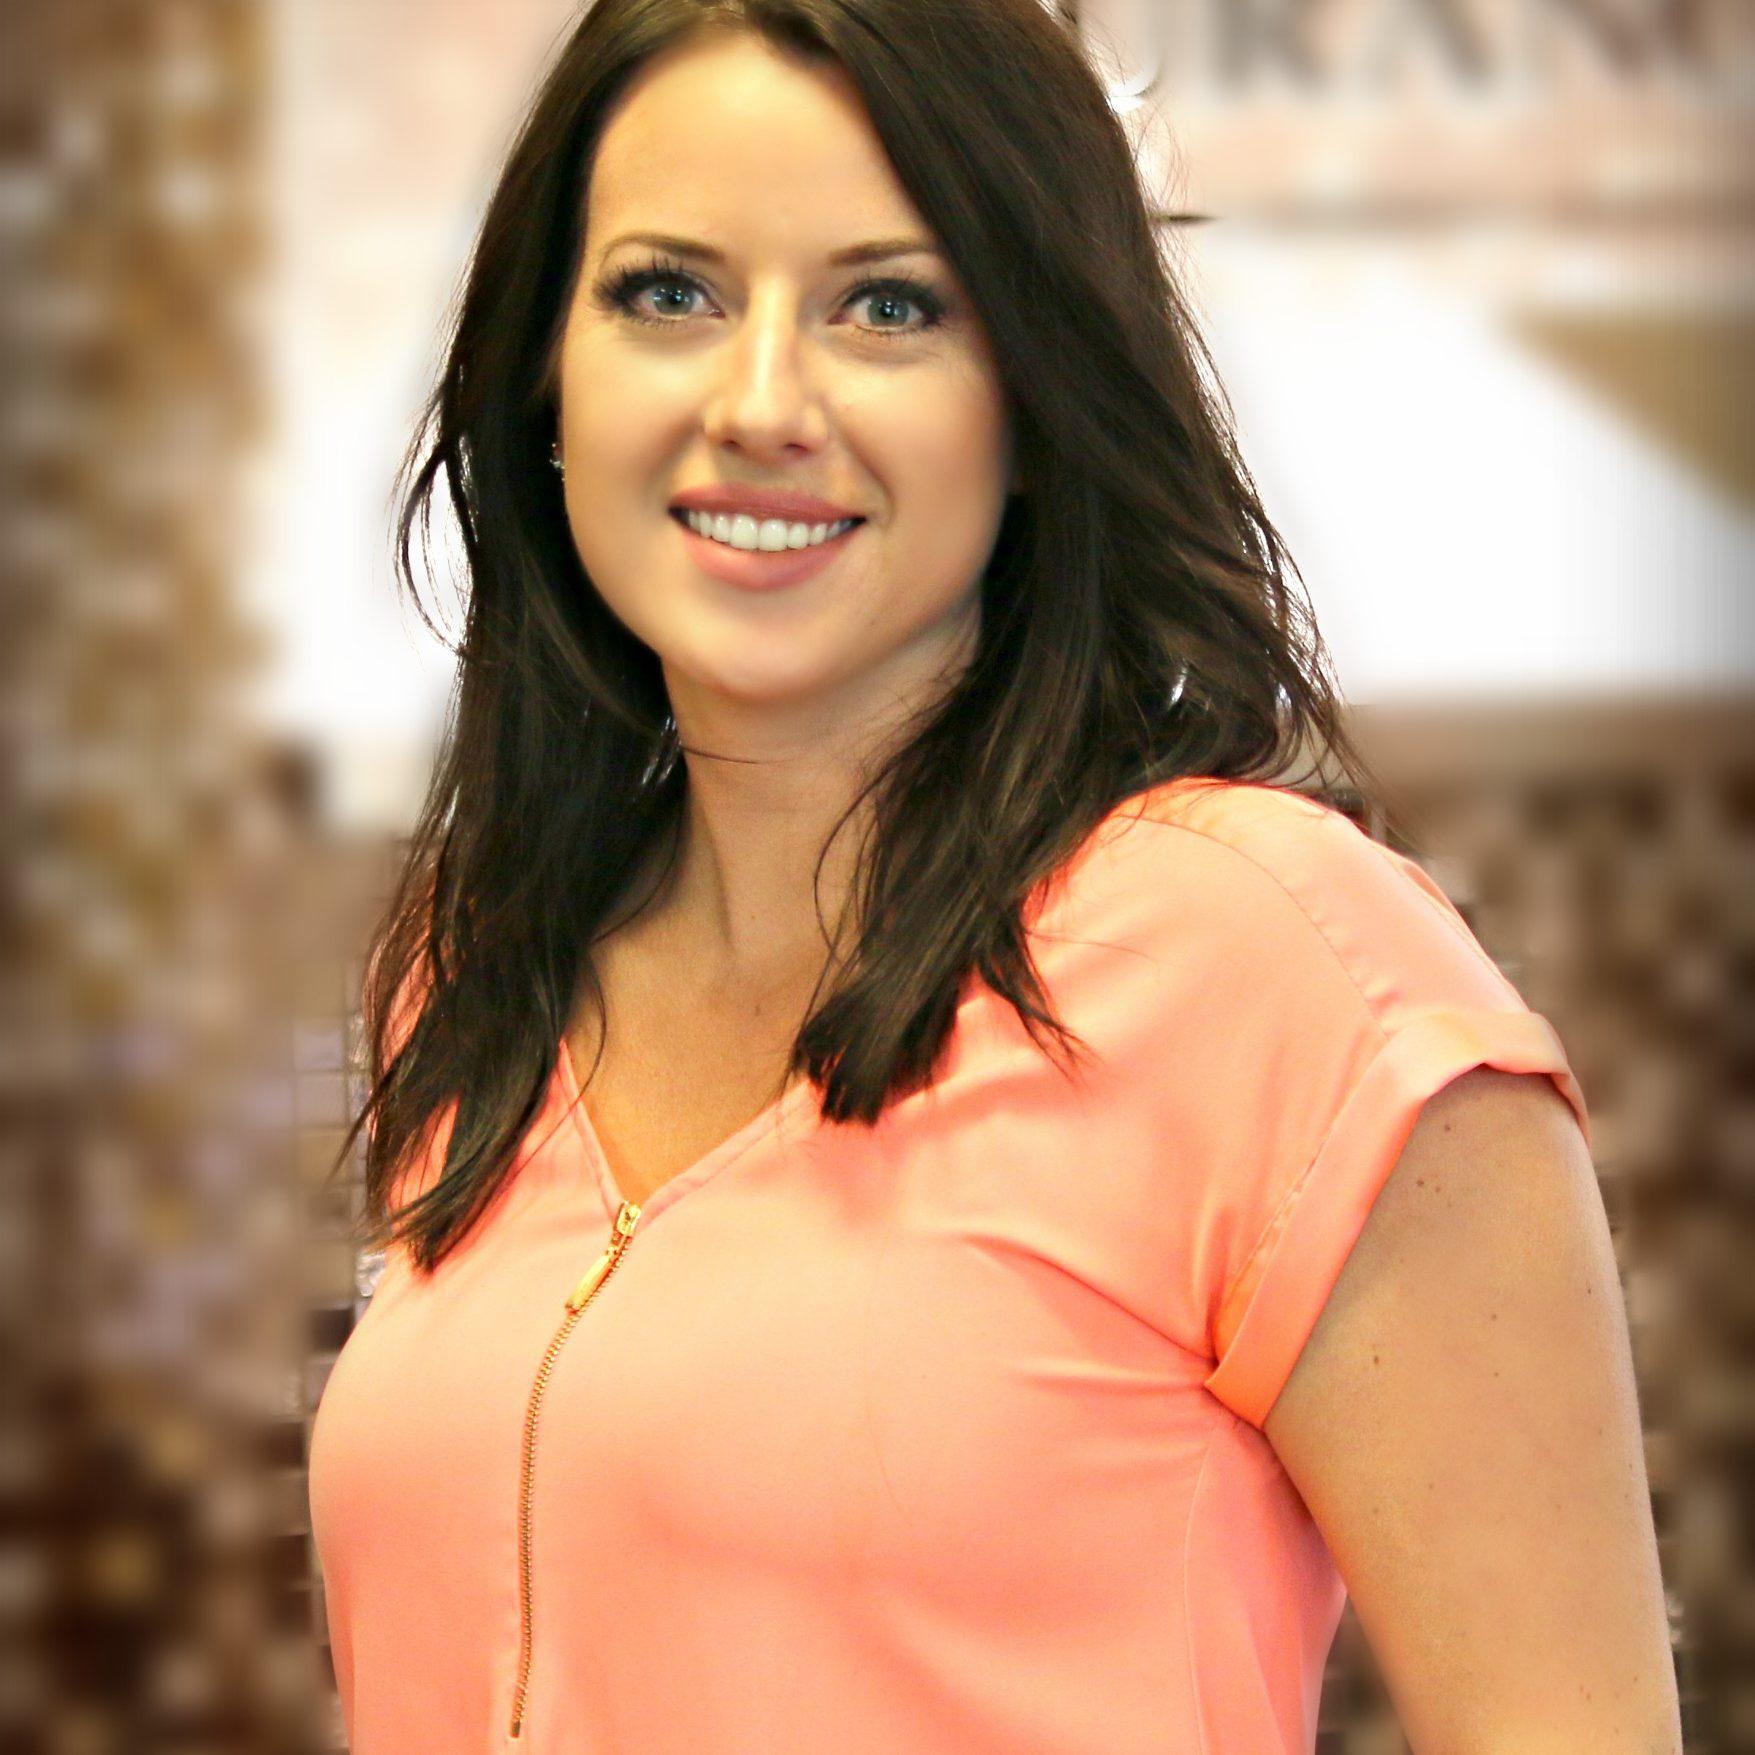 Dani Miller (2)